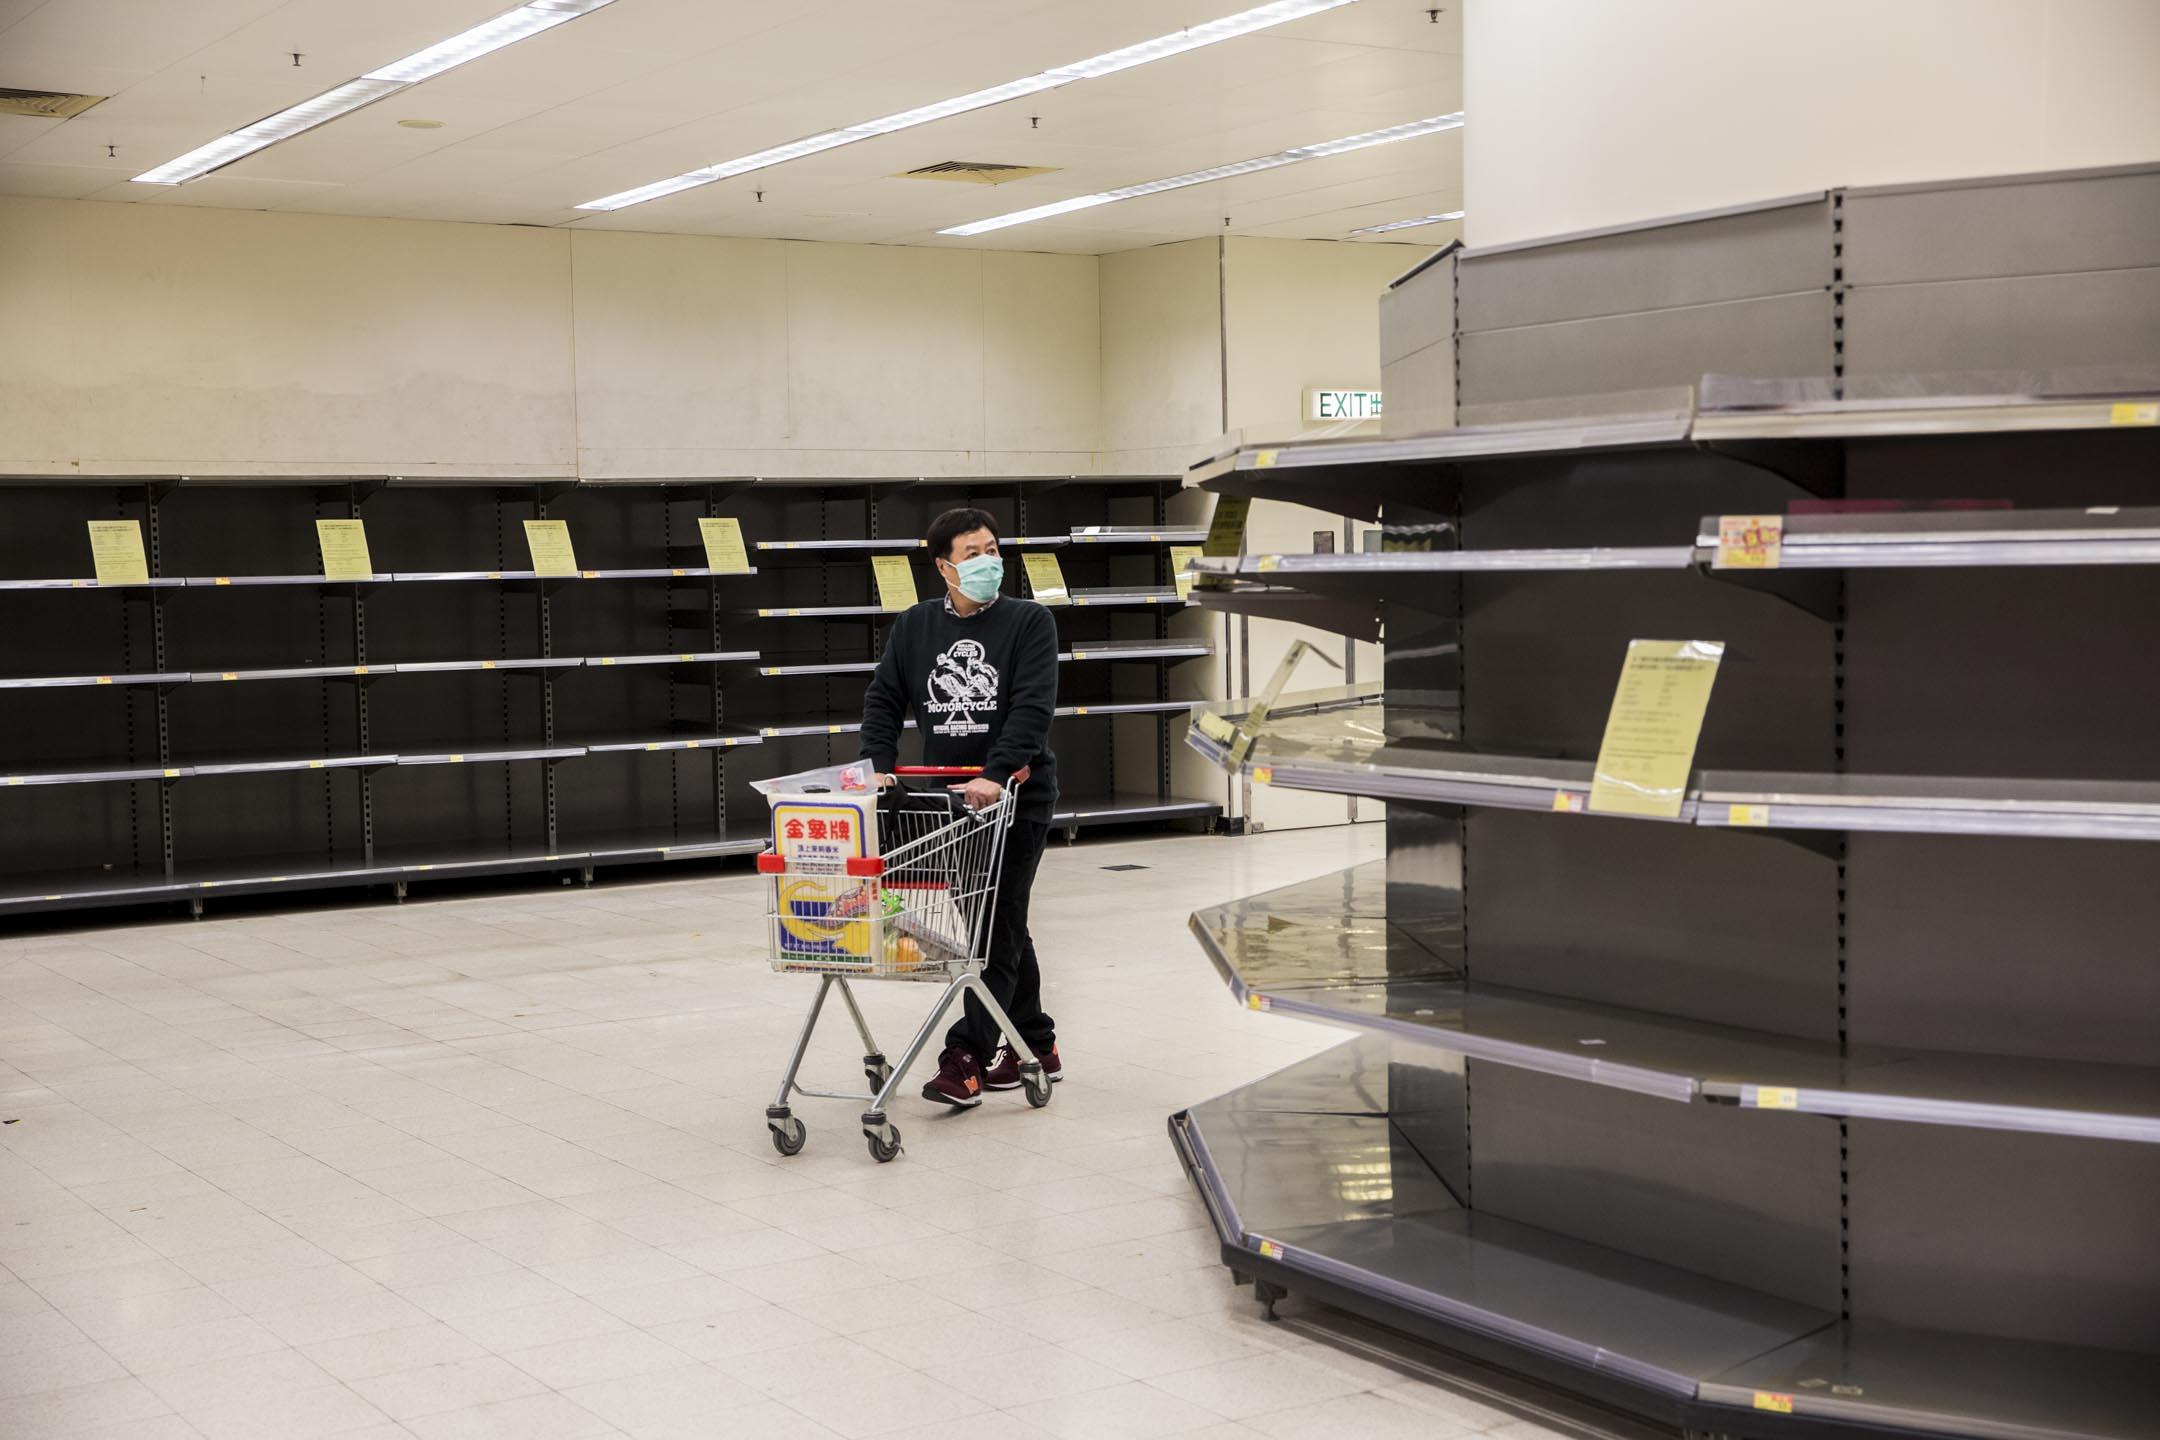 2020年2月7日,香港一間超市的日用品被搶購一空,已購買一包米的市民在貨架之間。 攝:林振東/端傳媒